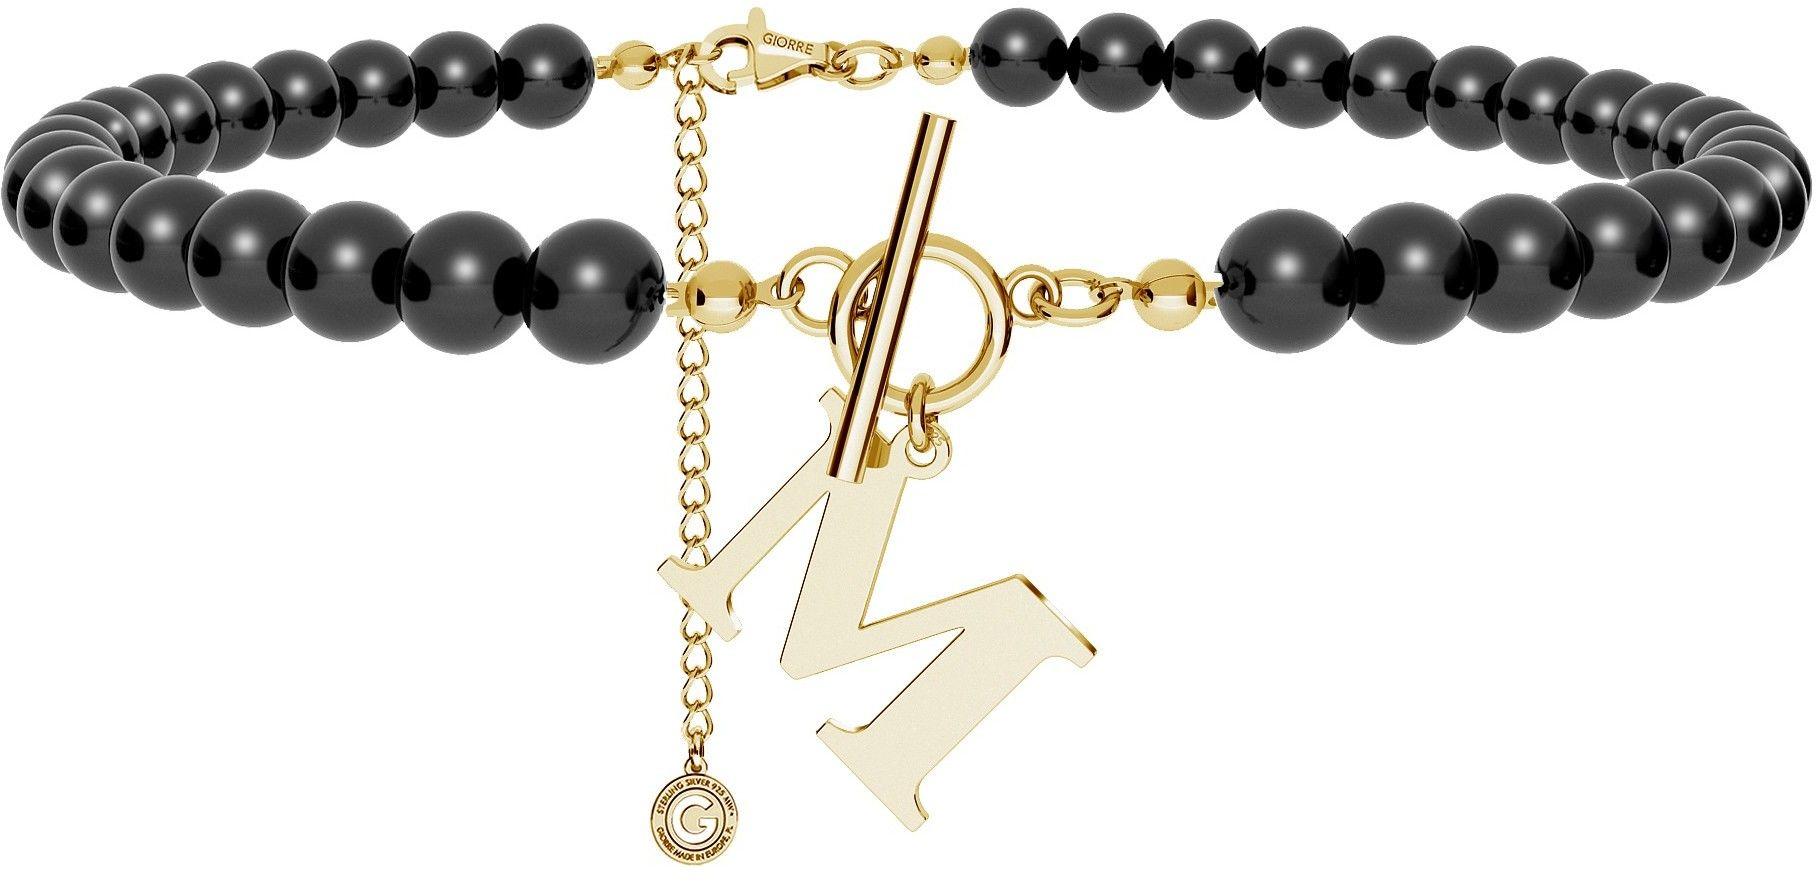 Czarny perłowy choker z dowolną literą, Swarovski, srebro 925 : Litera - O, Srebro - kolor pokrycia - Pokrycie żółtym 18K złotem